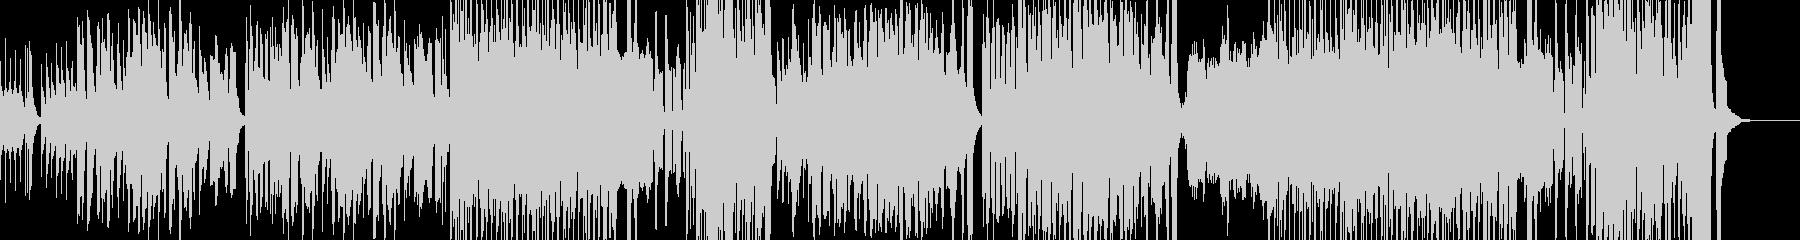 絵本の中に入ったようなレトロなBGMの未再生の波形